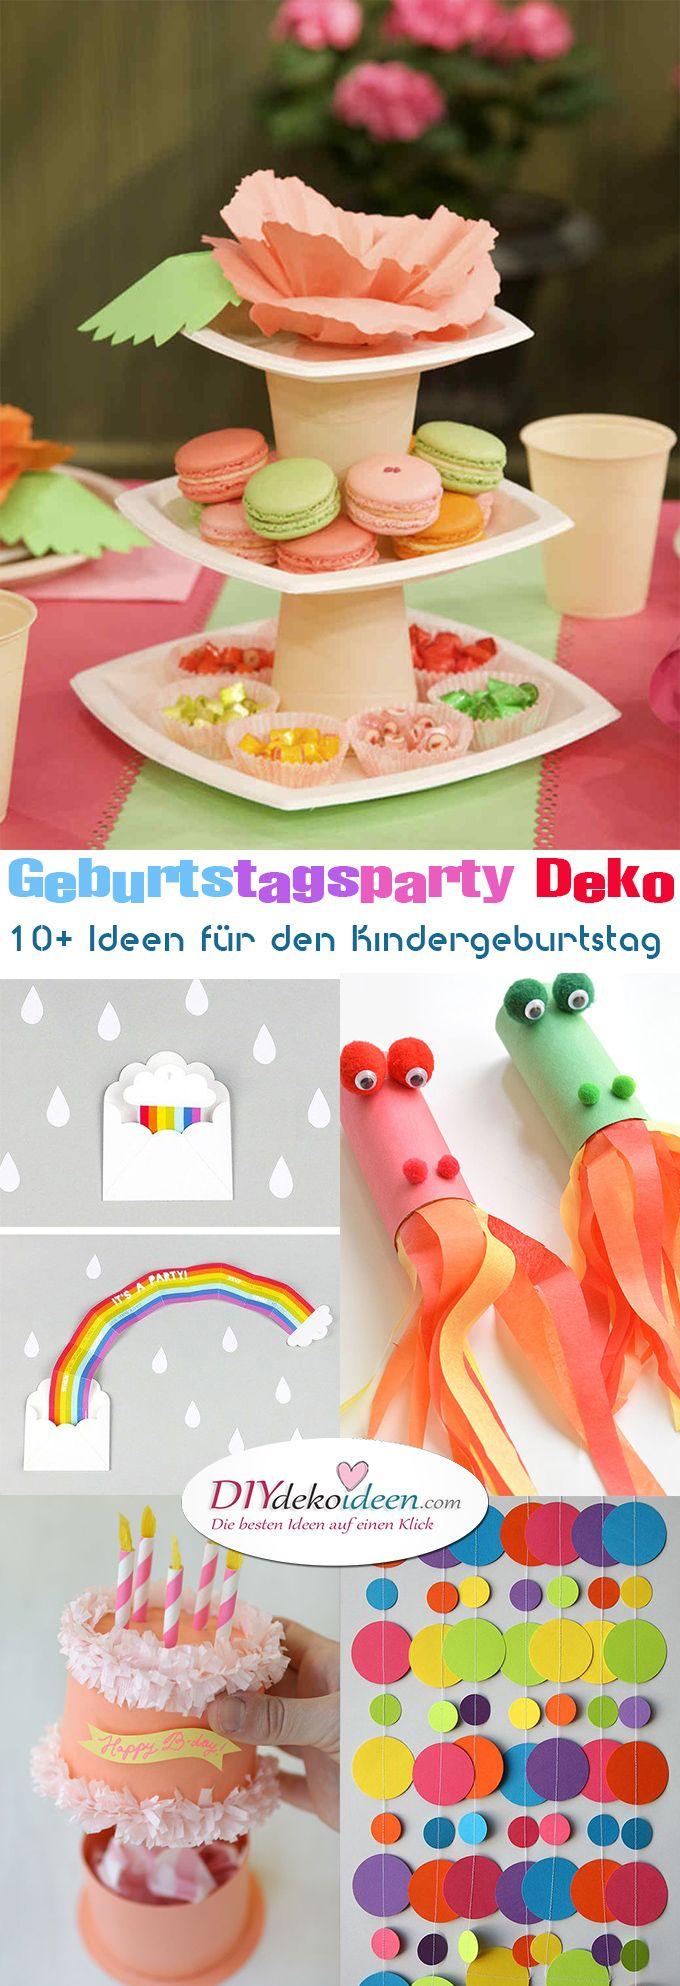 Geburtstagsparty DIY Deko - Kindergeburtstag -10+ Ideen Bastelideen Kinderparty Deko